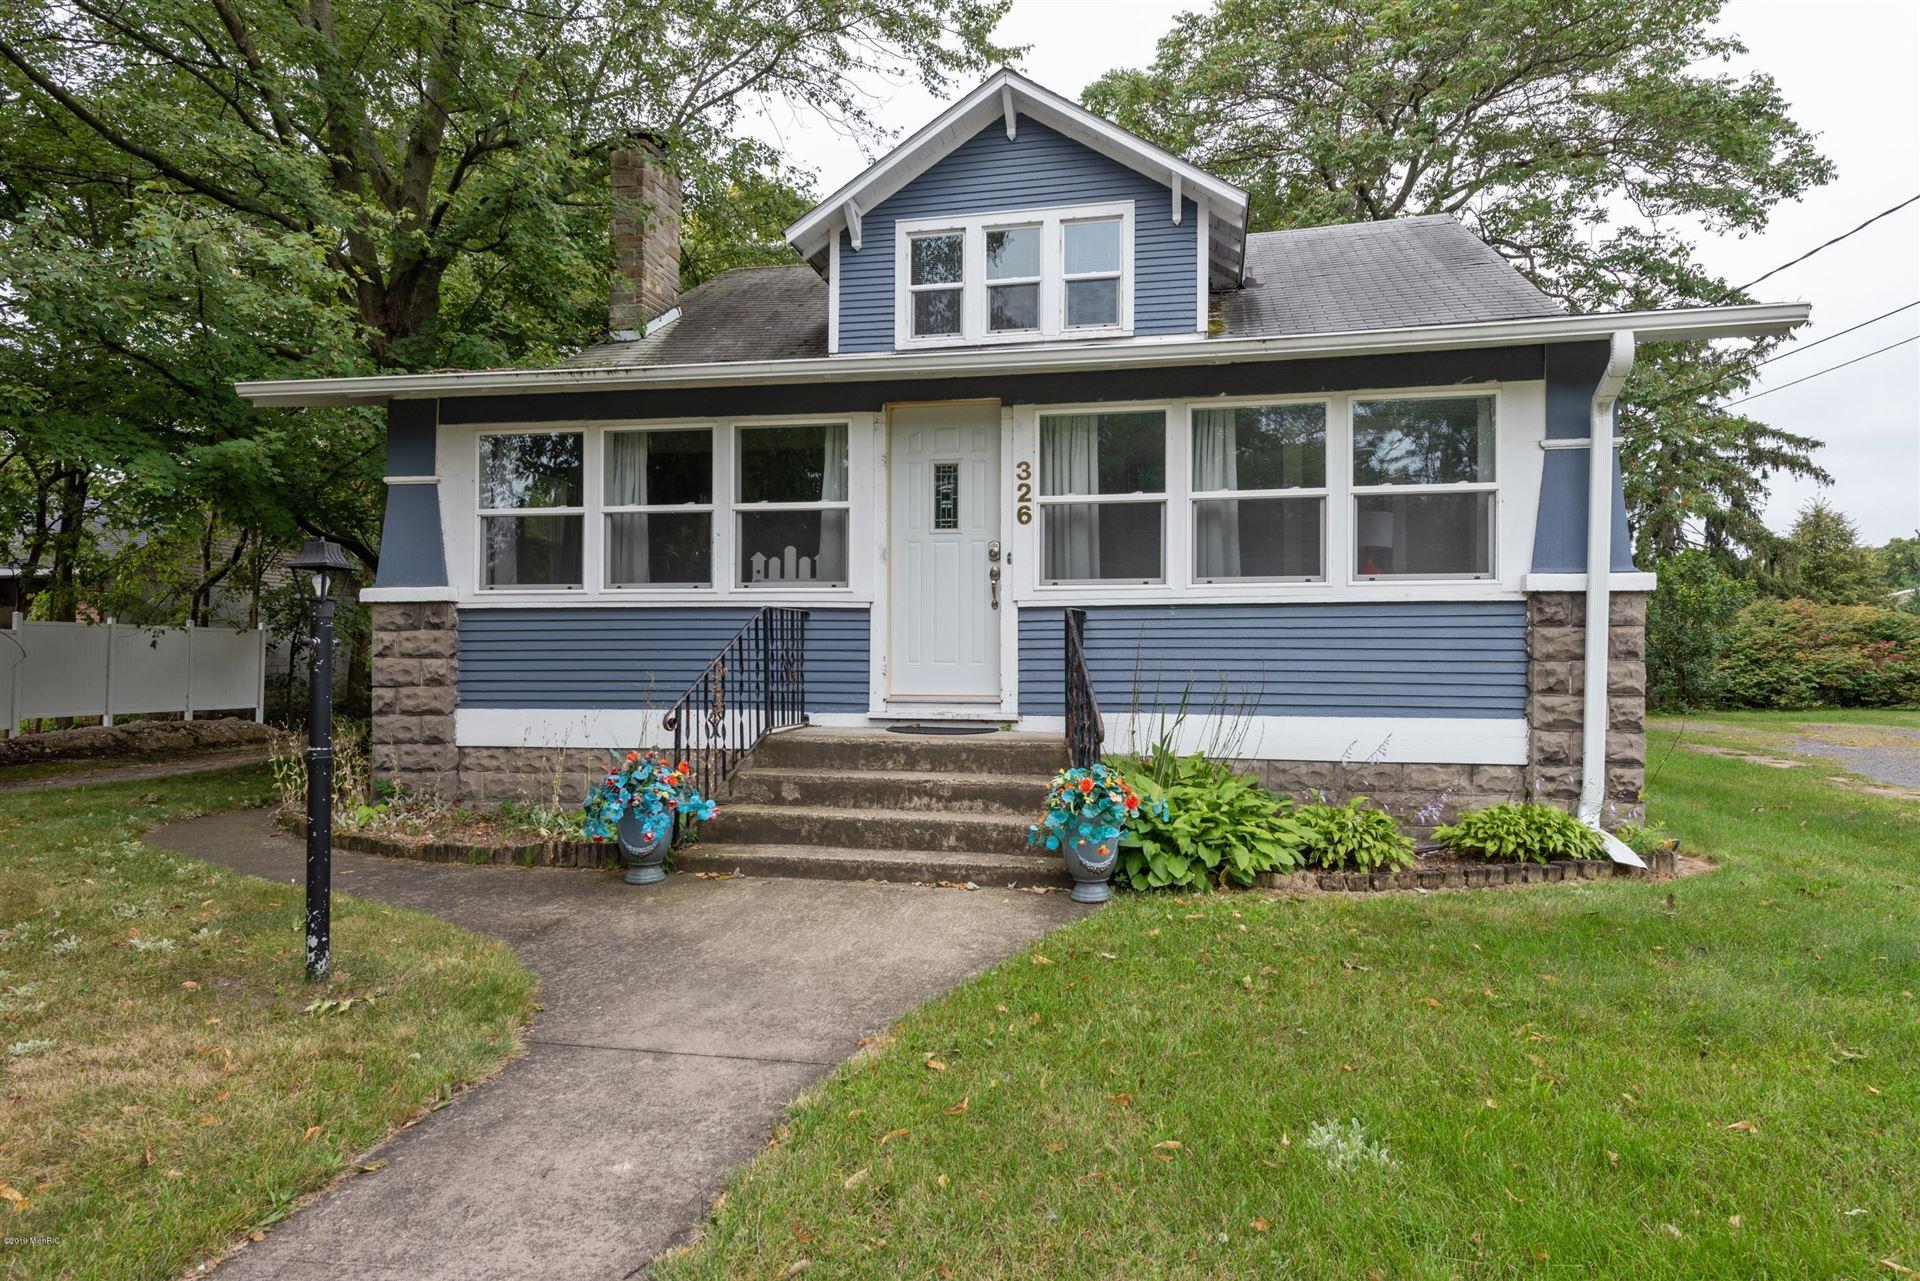 326 S Whittaker Street, New Buffalo, MI 49117 - MLS#: 21013458